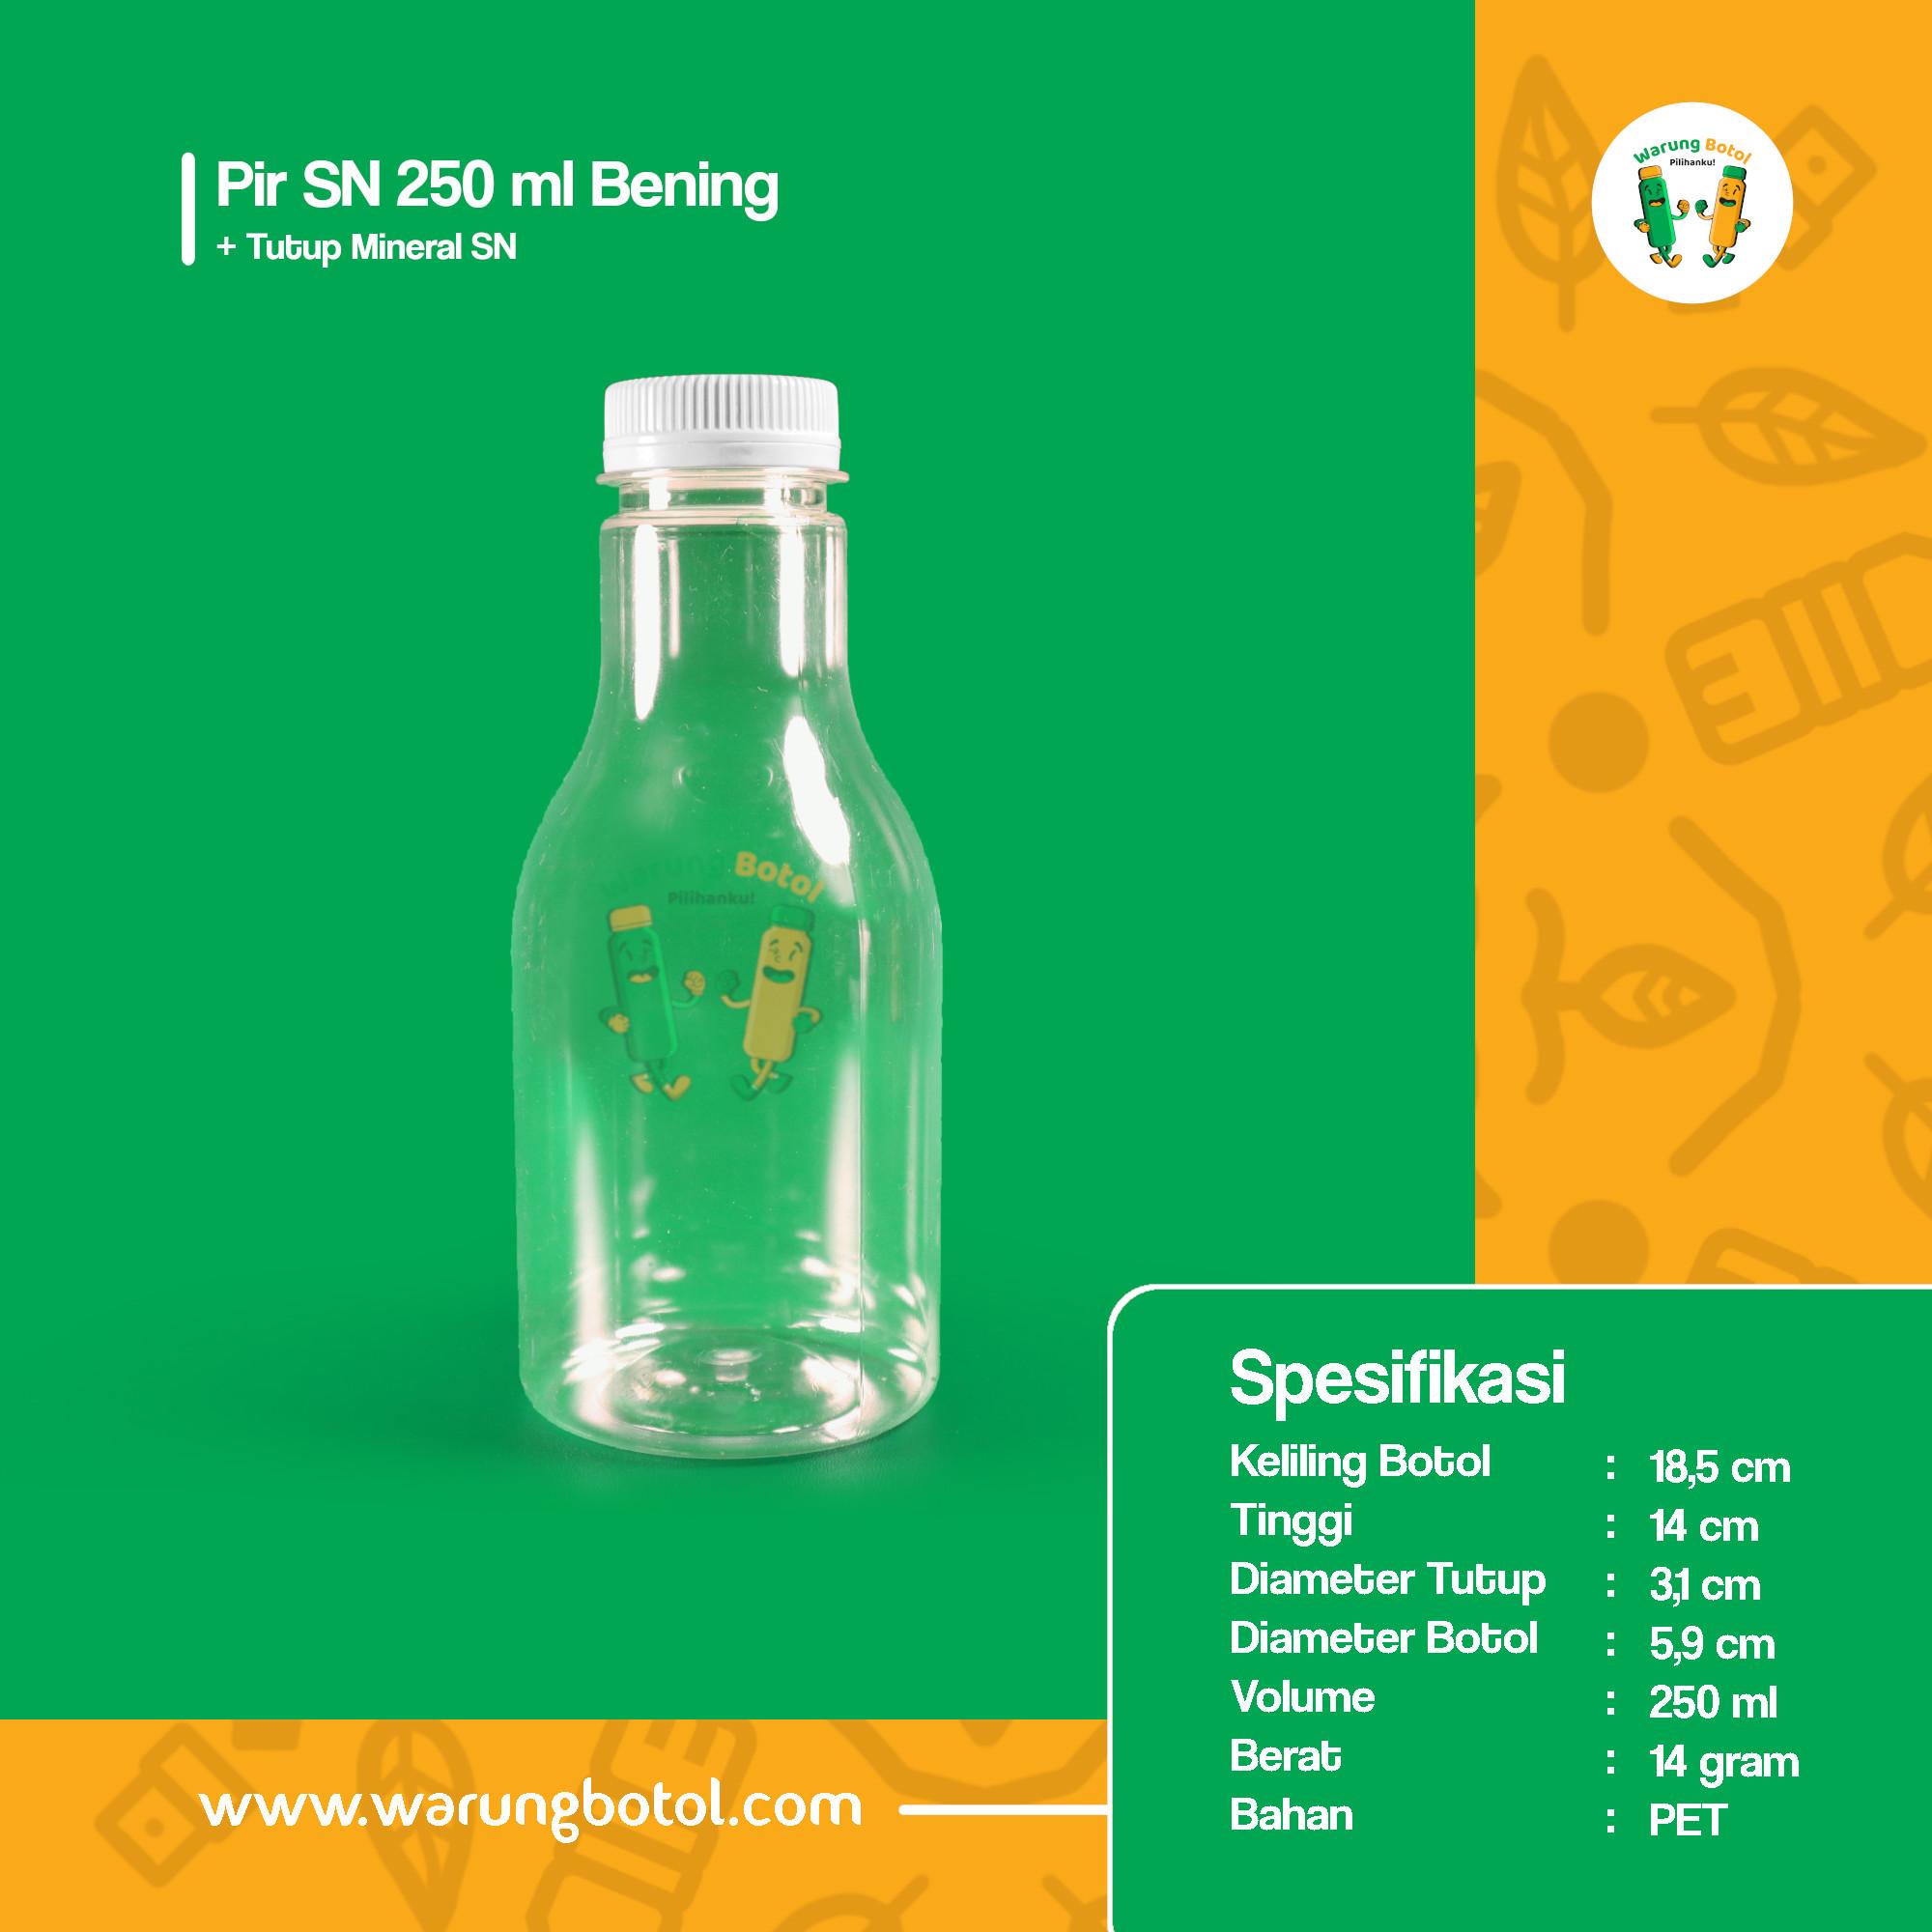 distributor jual botol palastik murah dan unik 250ml untuk kopi jus, minuman, susu soda boba terdekat di bandung jakarta bekasi bogor